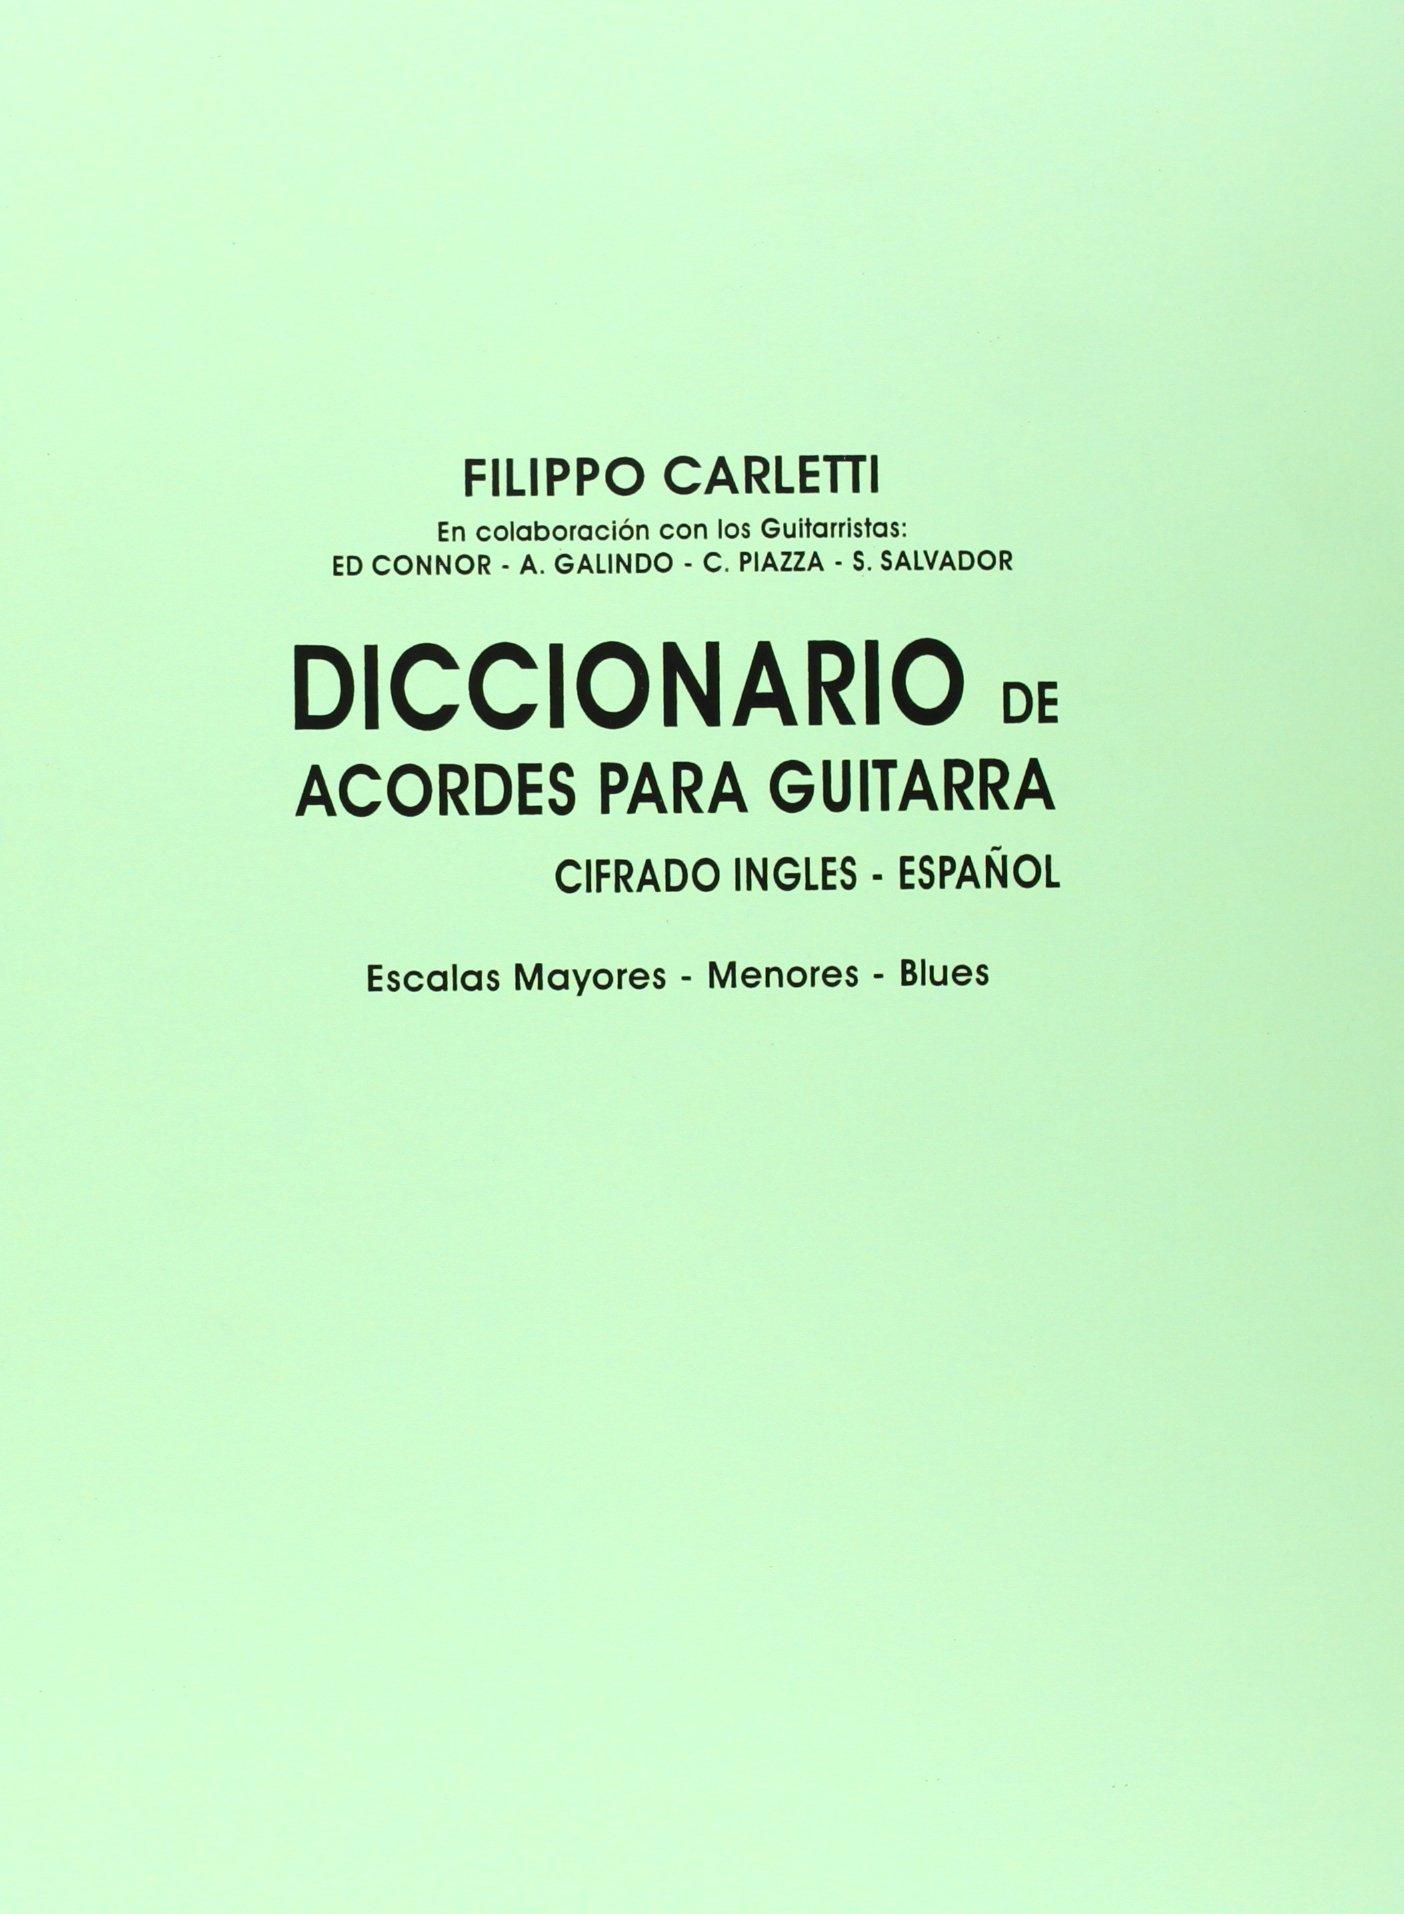 Diccionario de Acordes para Guitarra: Amazon.es: Carletti, Filippo ...